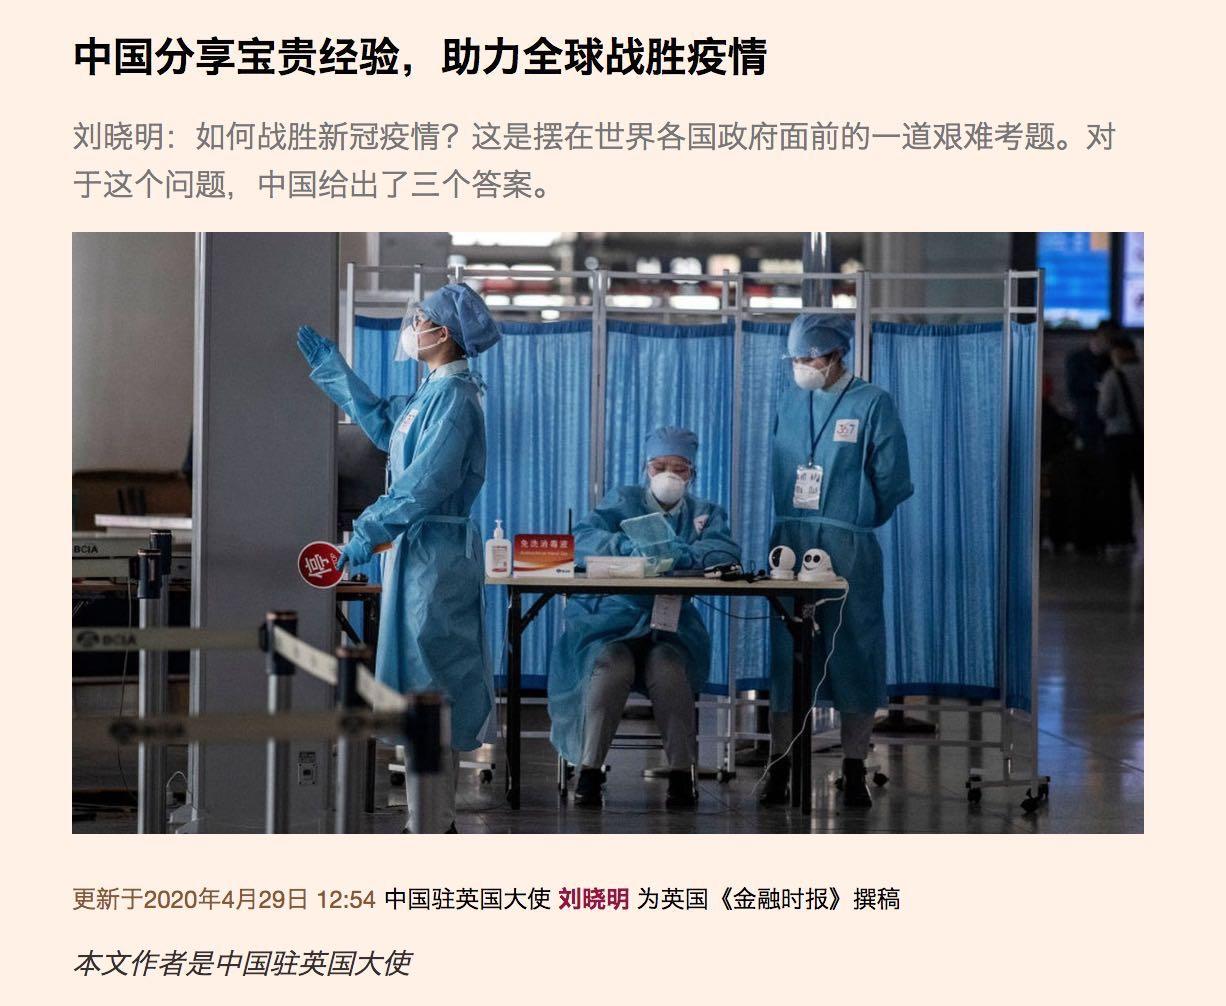 [摩天注册]刊文中国经验助力全球摩天注册图片